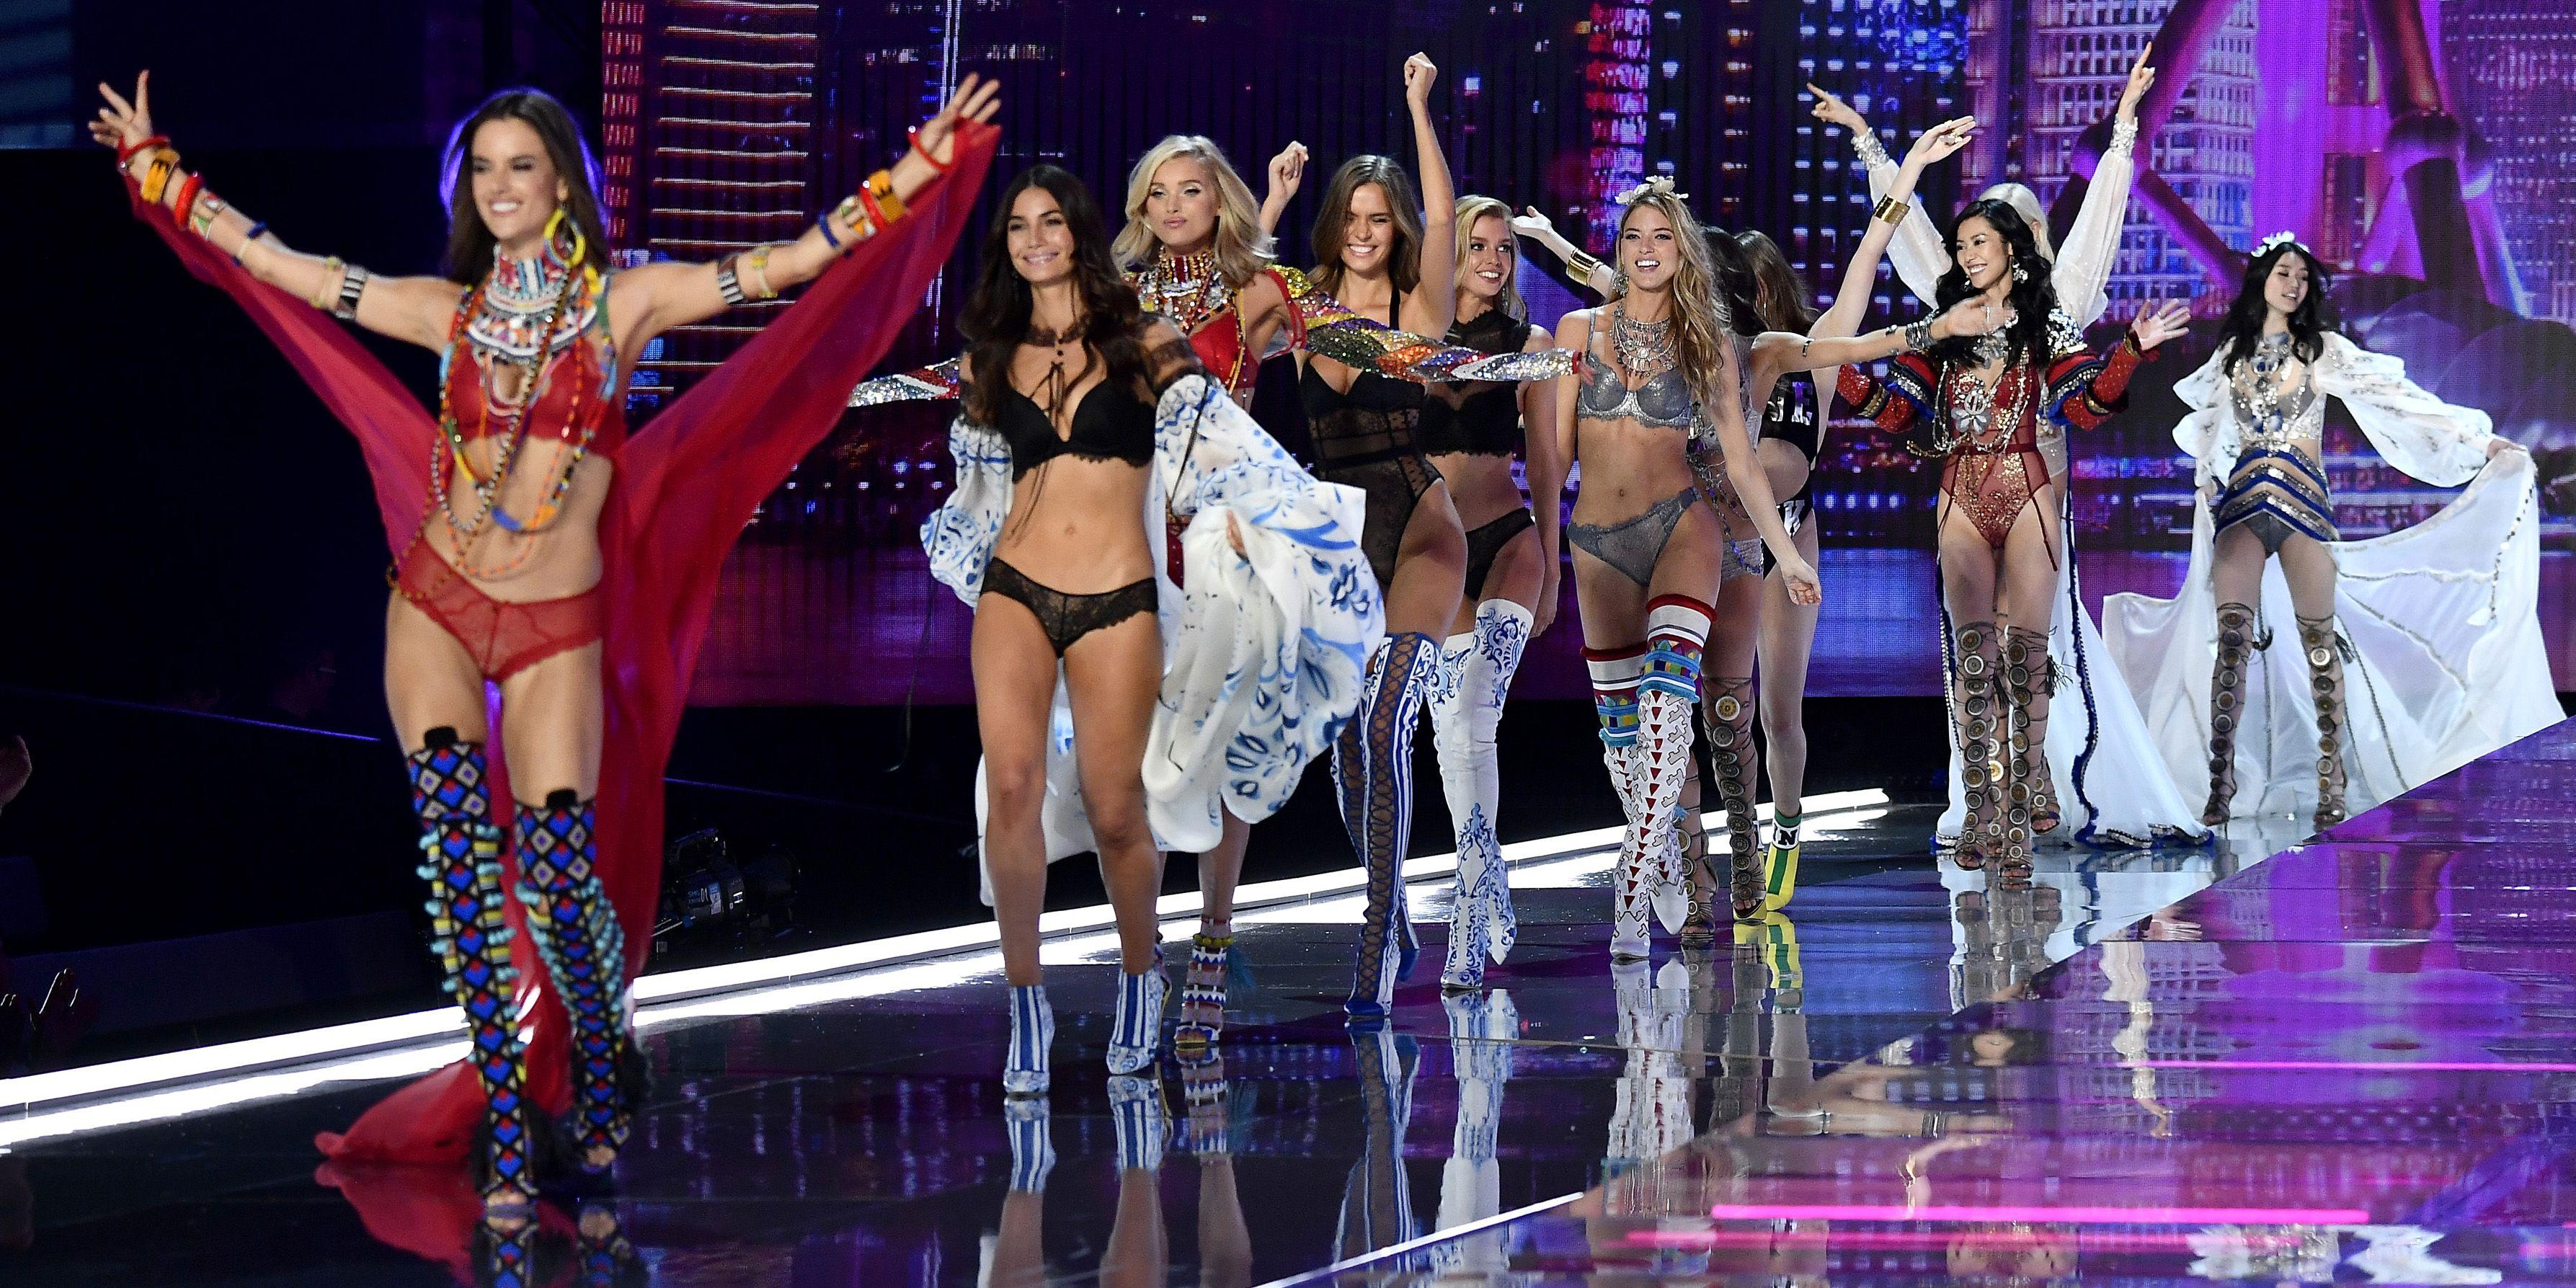 Victoria Secret Dancing Queen